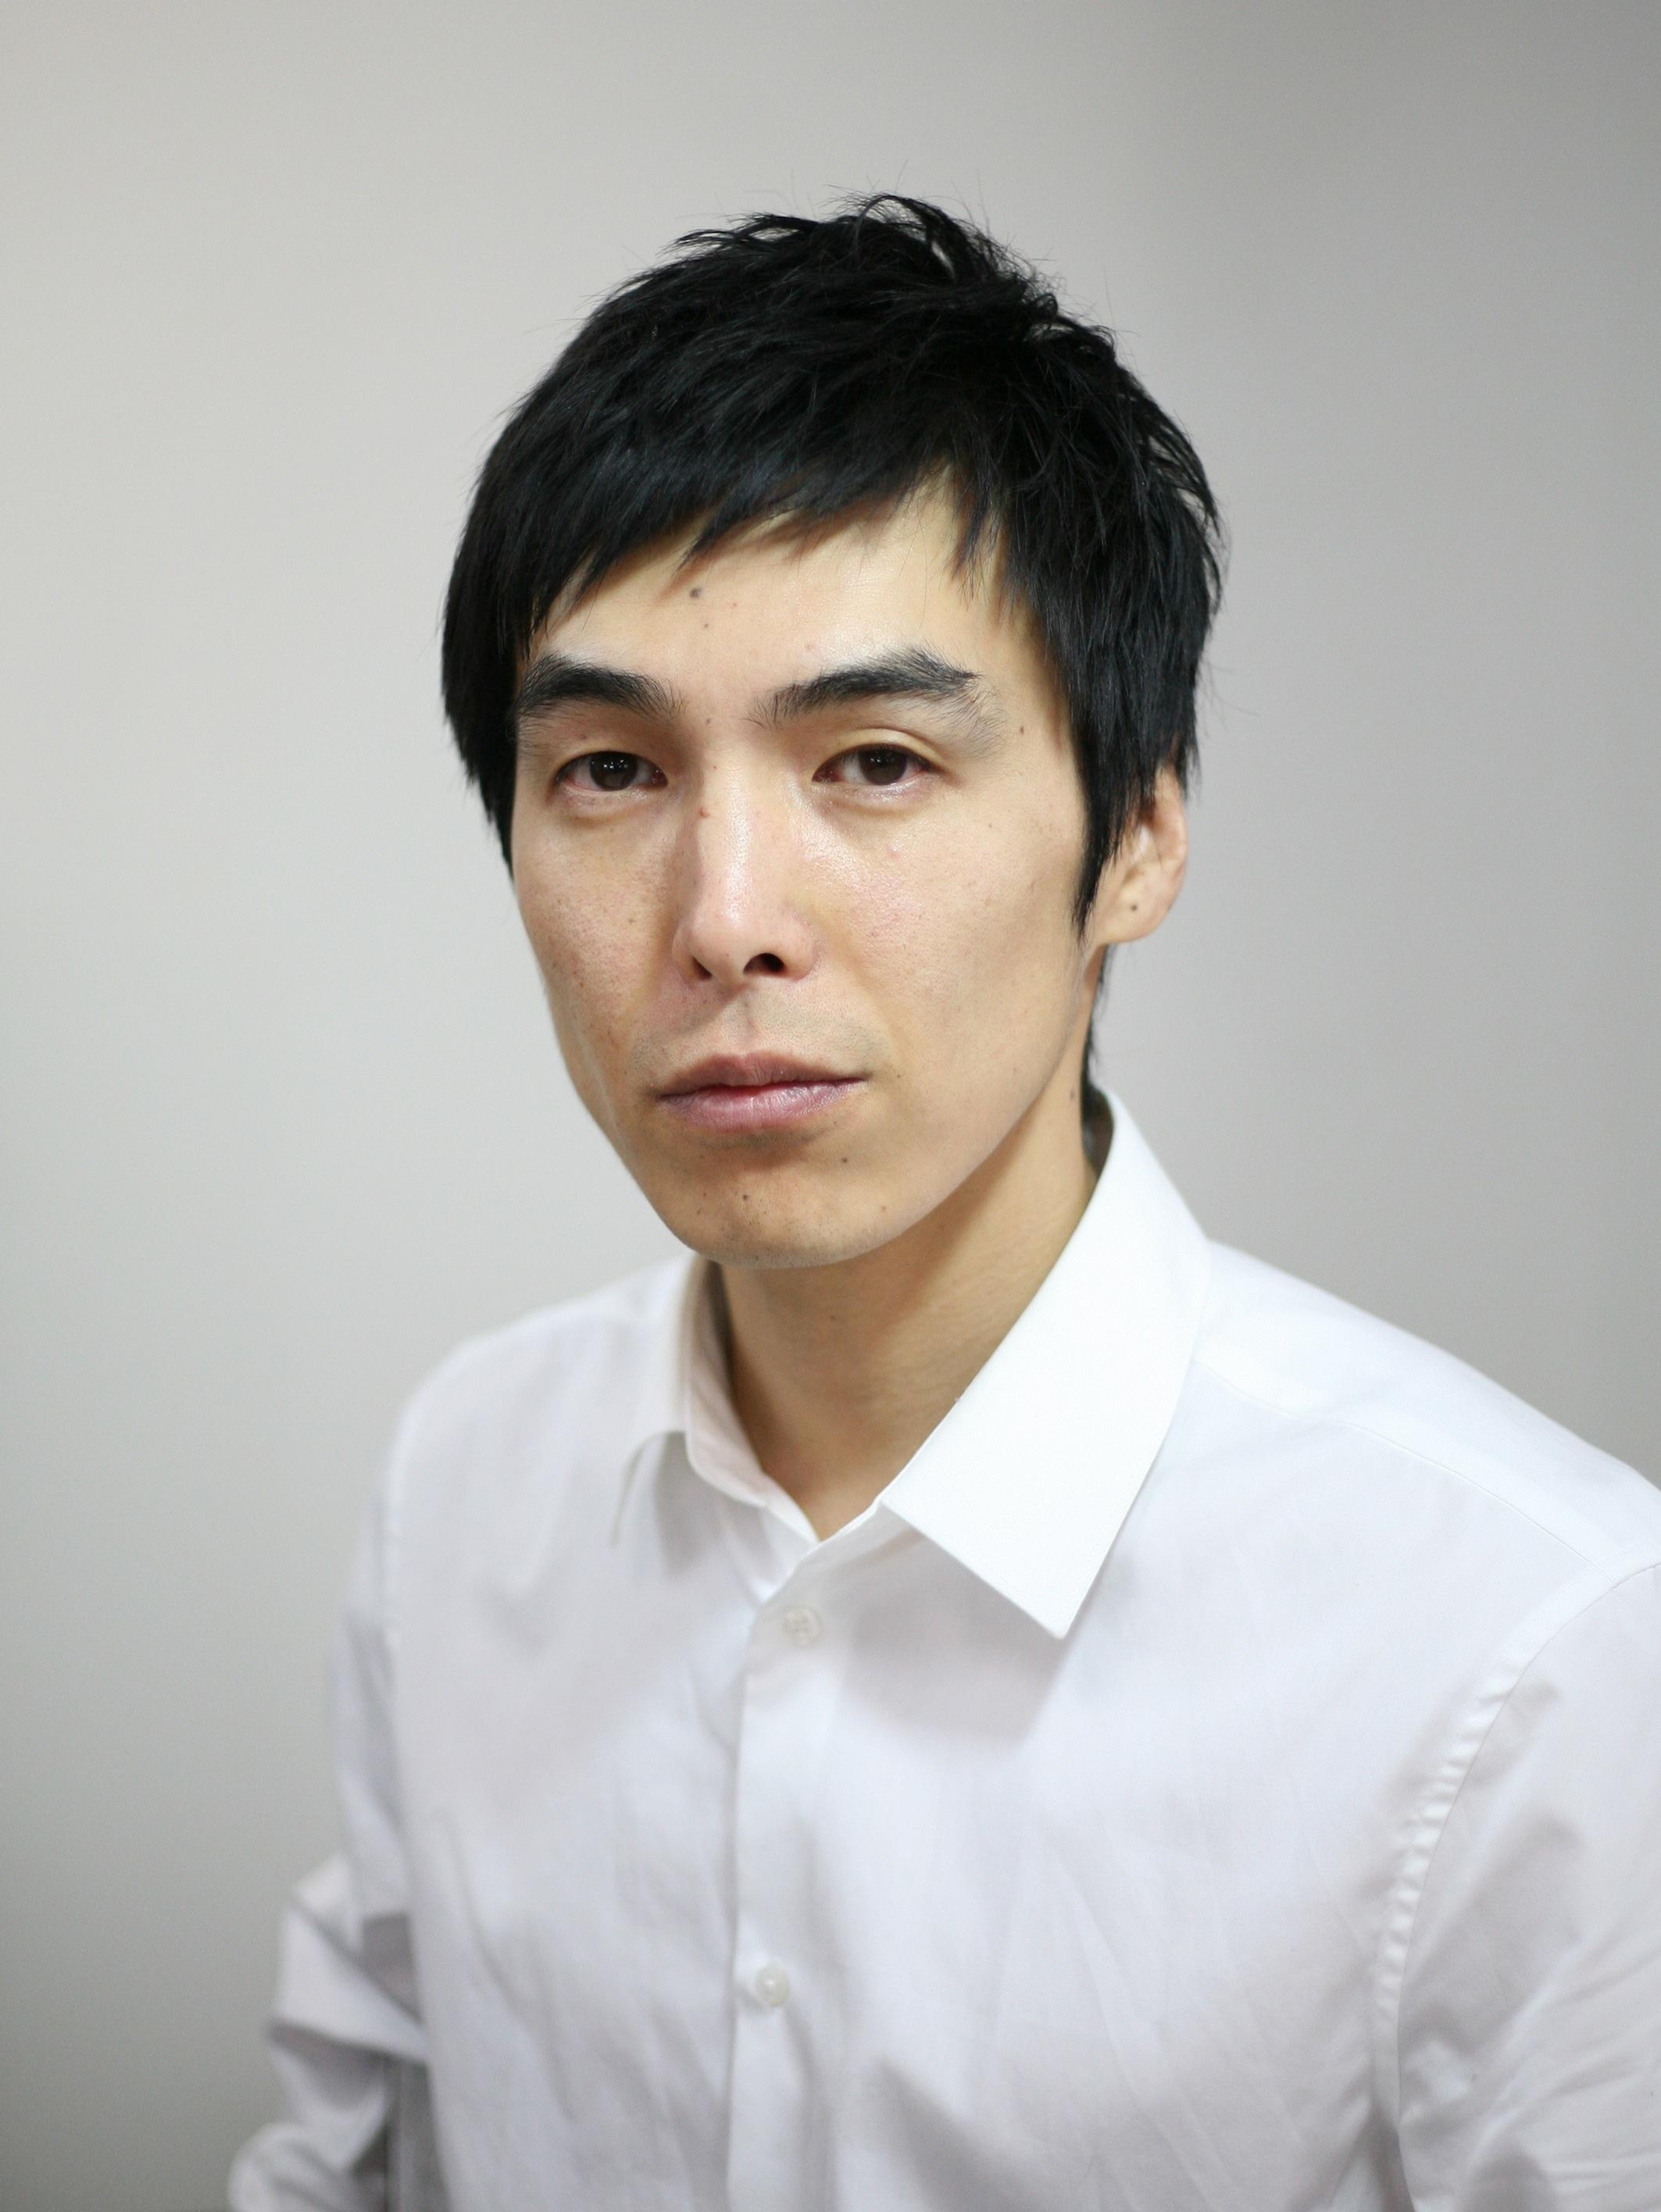 片山 享 | 株式会社アニモプロデ...